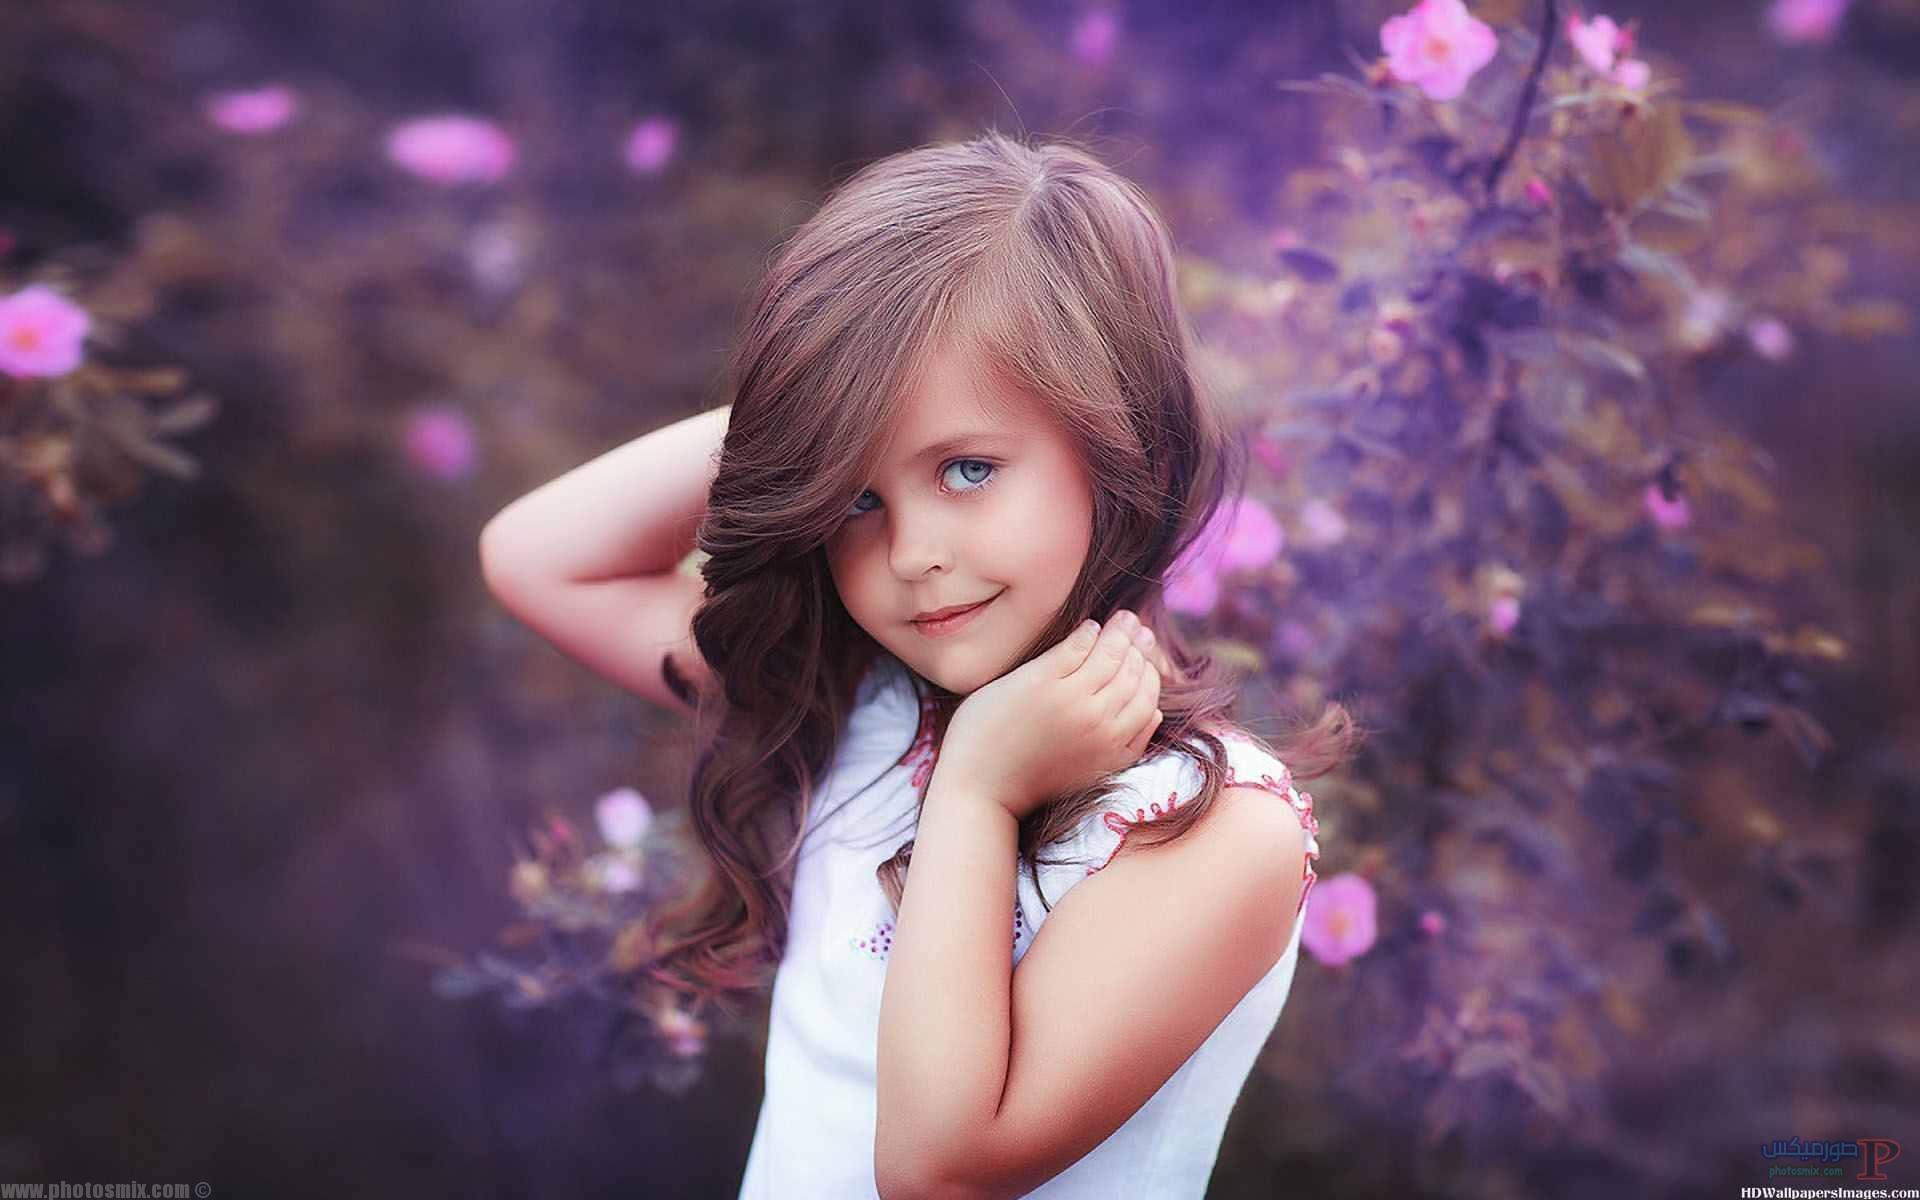 بالصور صور بنات صغار عمر 11 , اروع صور فتيات وصبايا صغيرين 3801 3